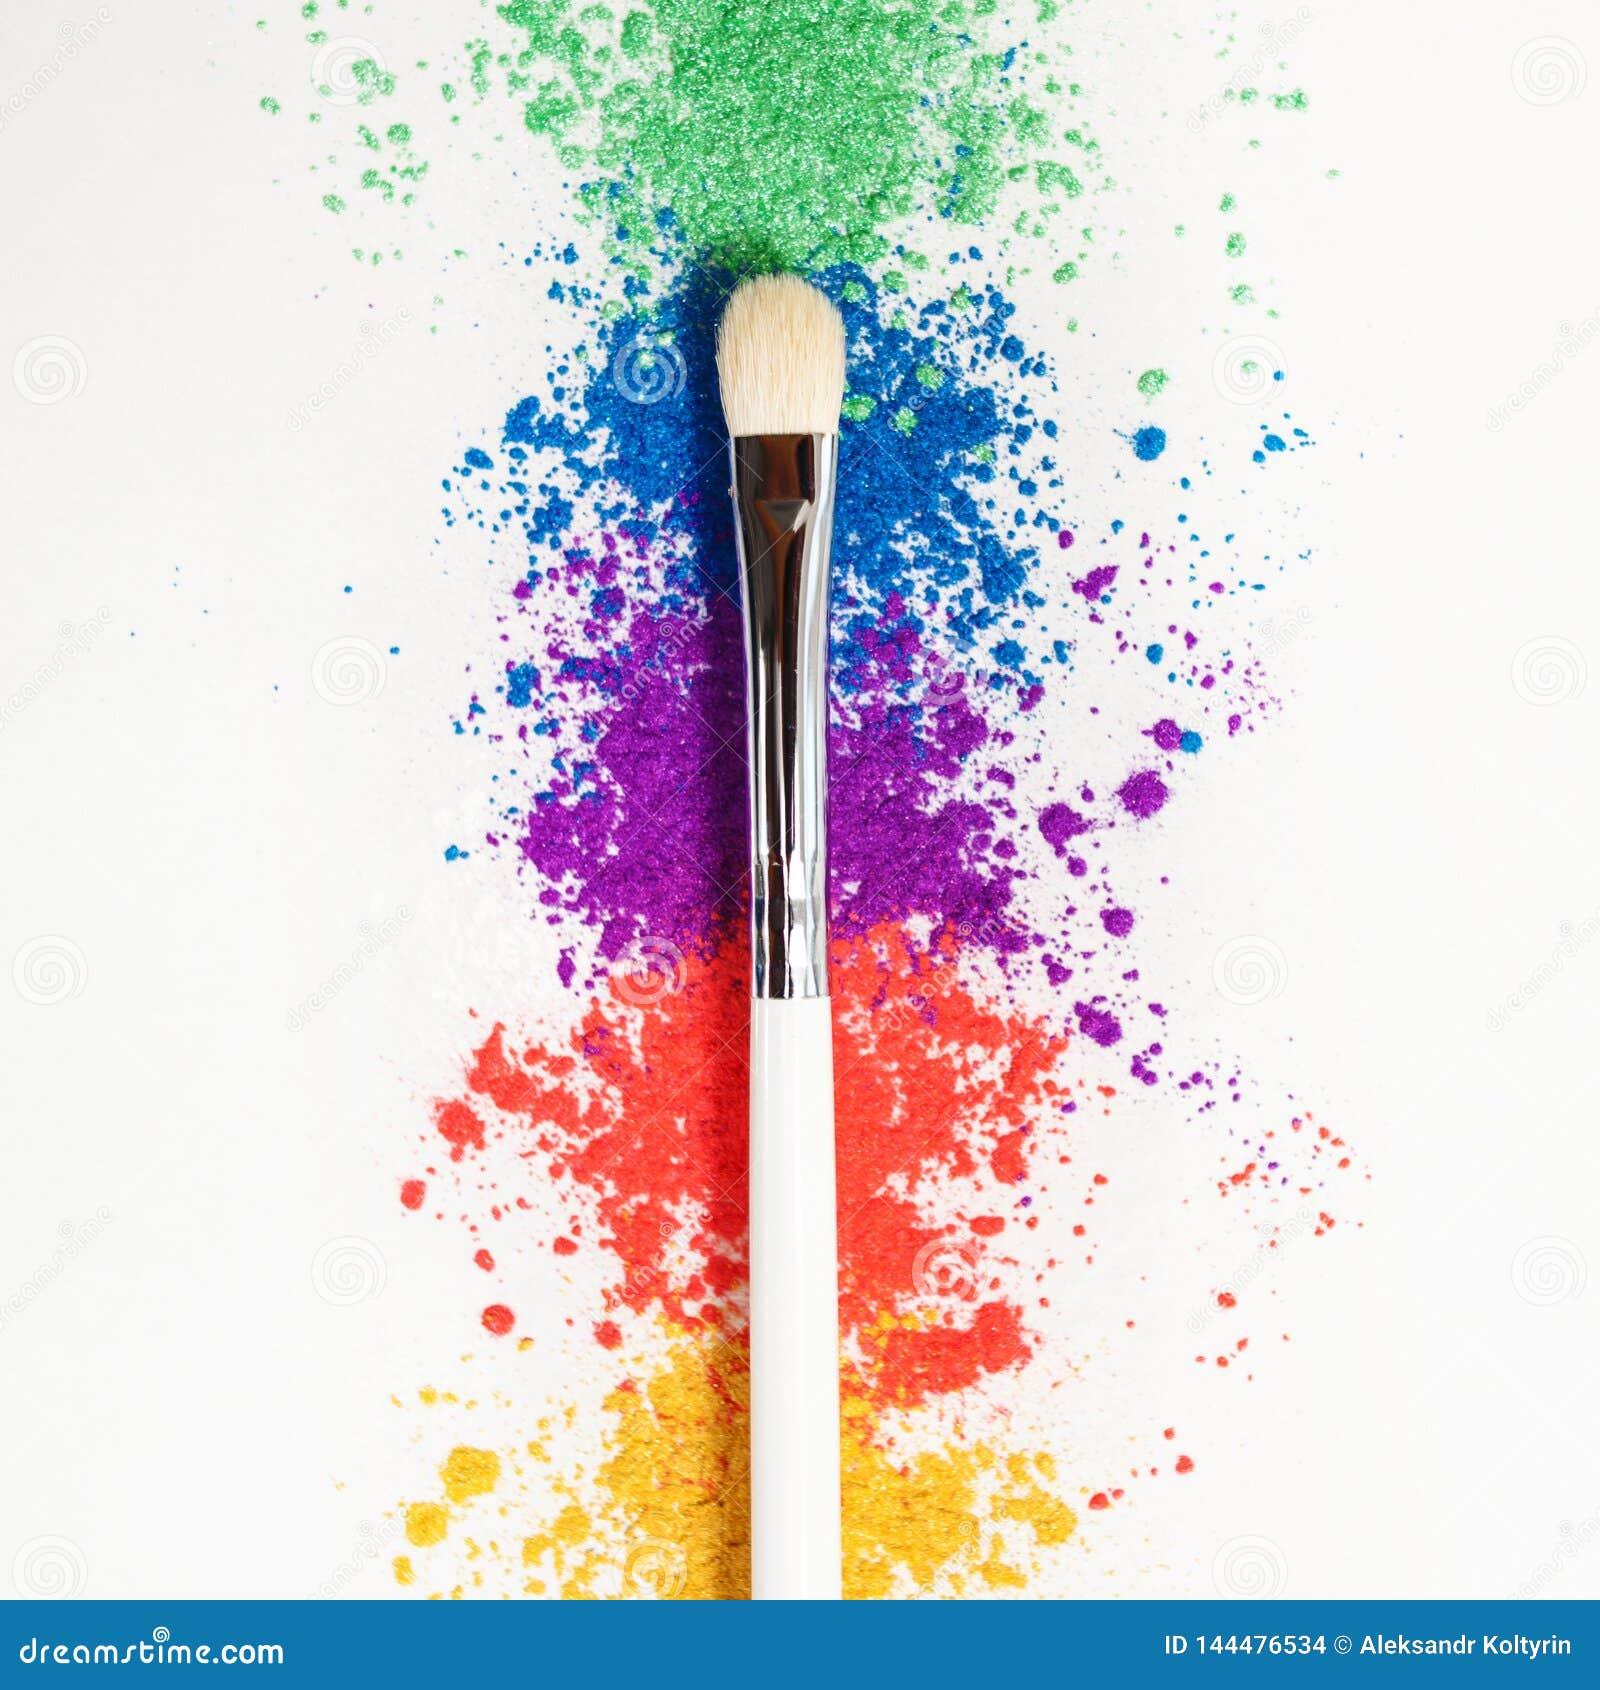 Φωτεινές σκιές ματιών στα διαφορετικά χρώματα του ουράνιου τόξου και των βουρτσών για τα καλλυντικά σε ένα άσπρο υπόβαθρο